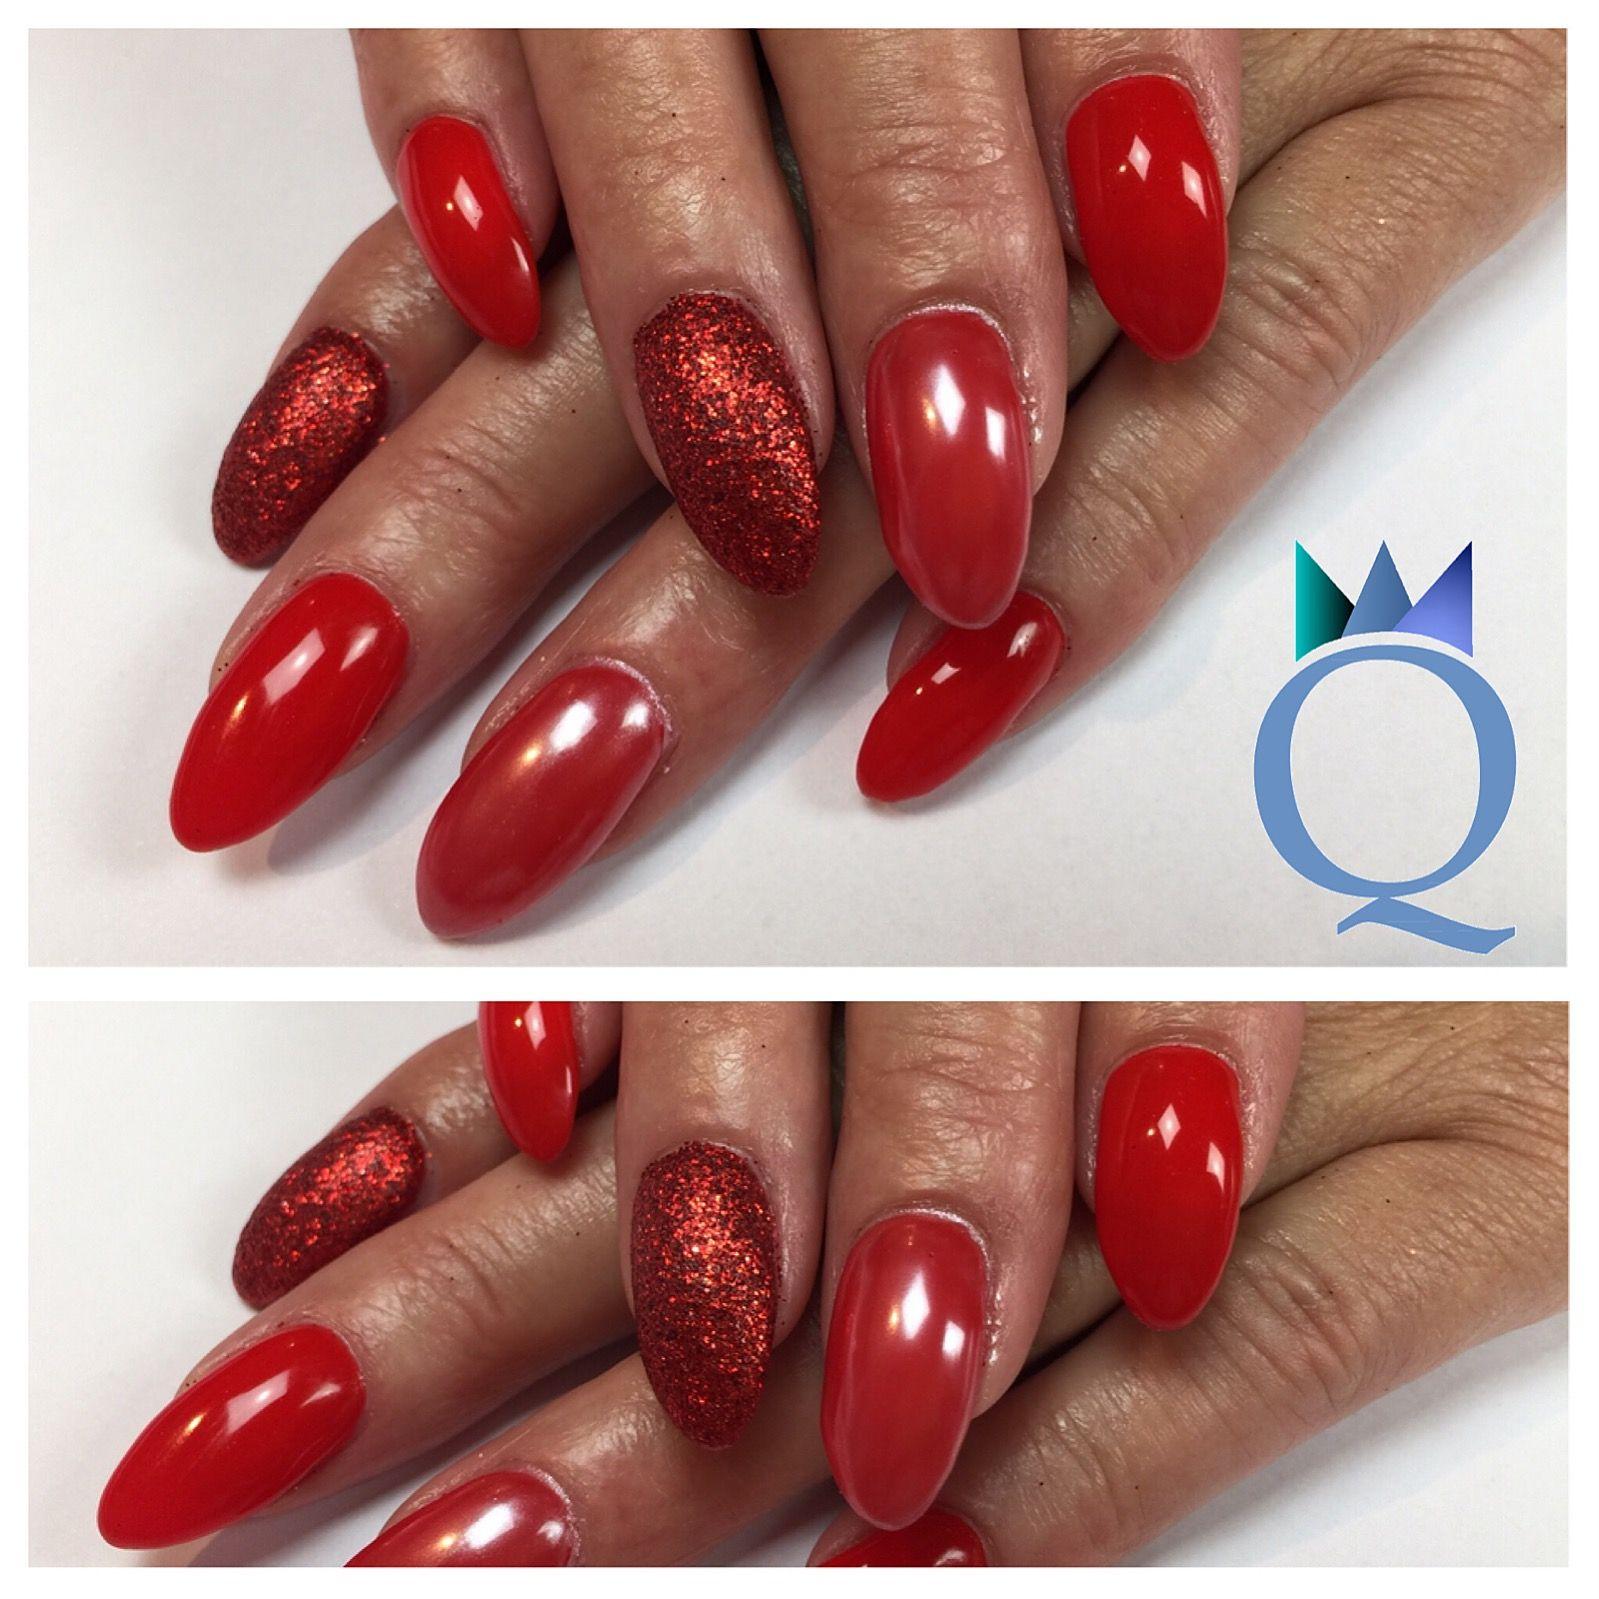 almondnails gelnails nails red glitter white chrome mandelform geln gel n gel rot. Black Bedroom Furniture Sets. Home Design Ideas